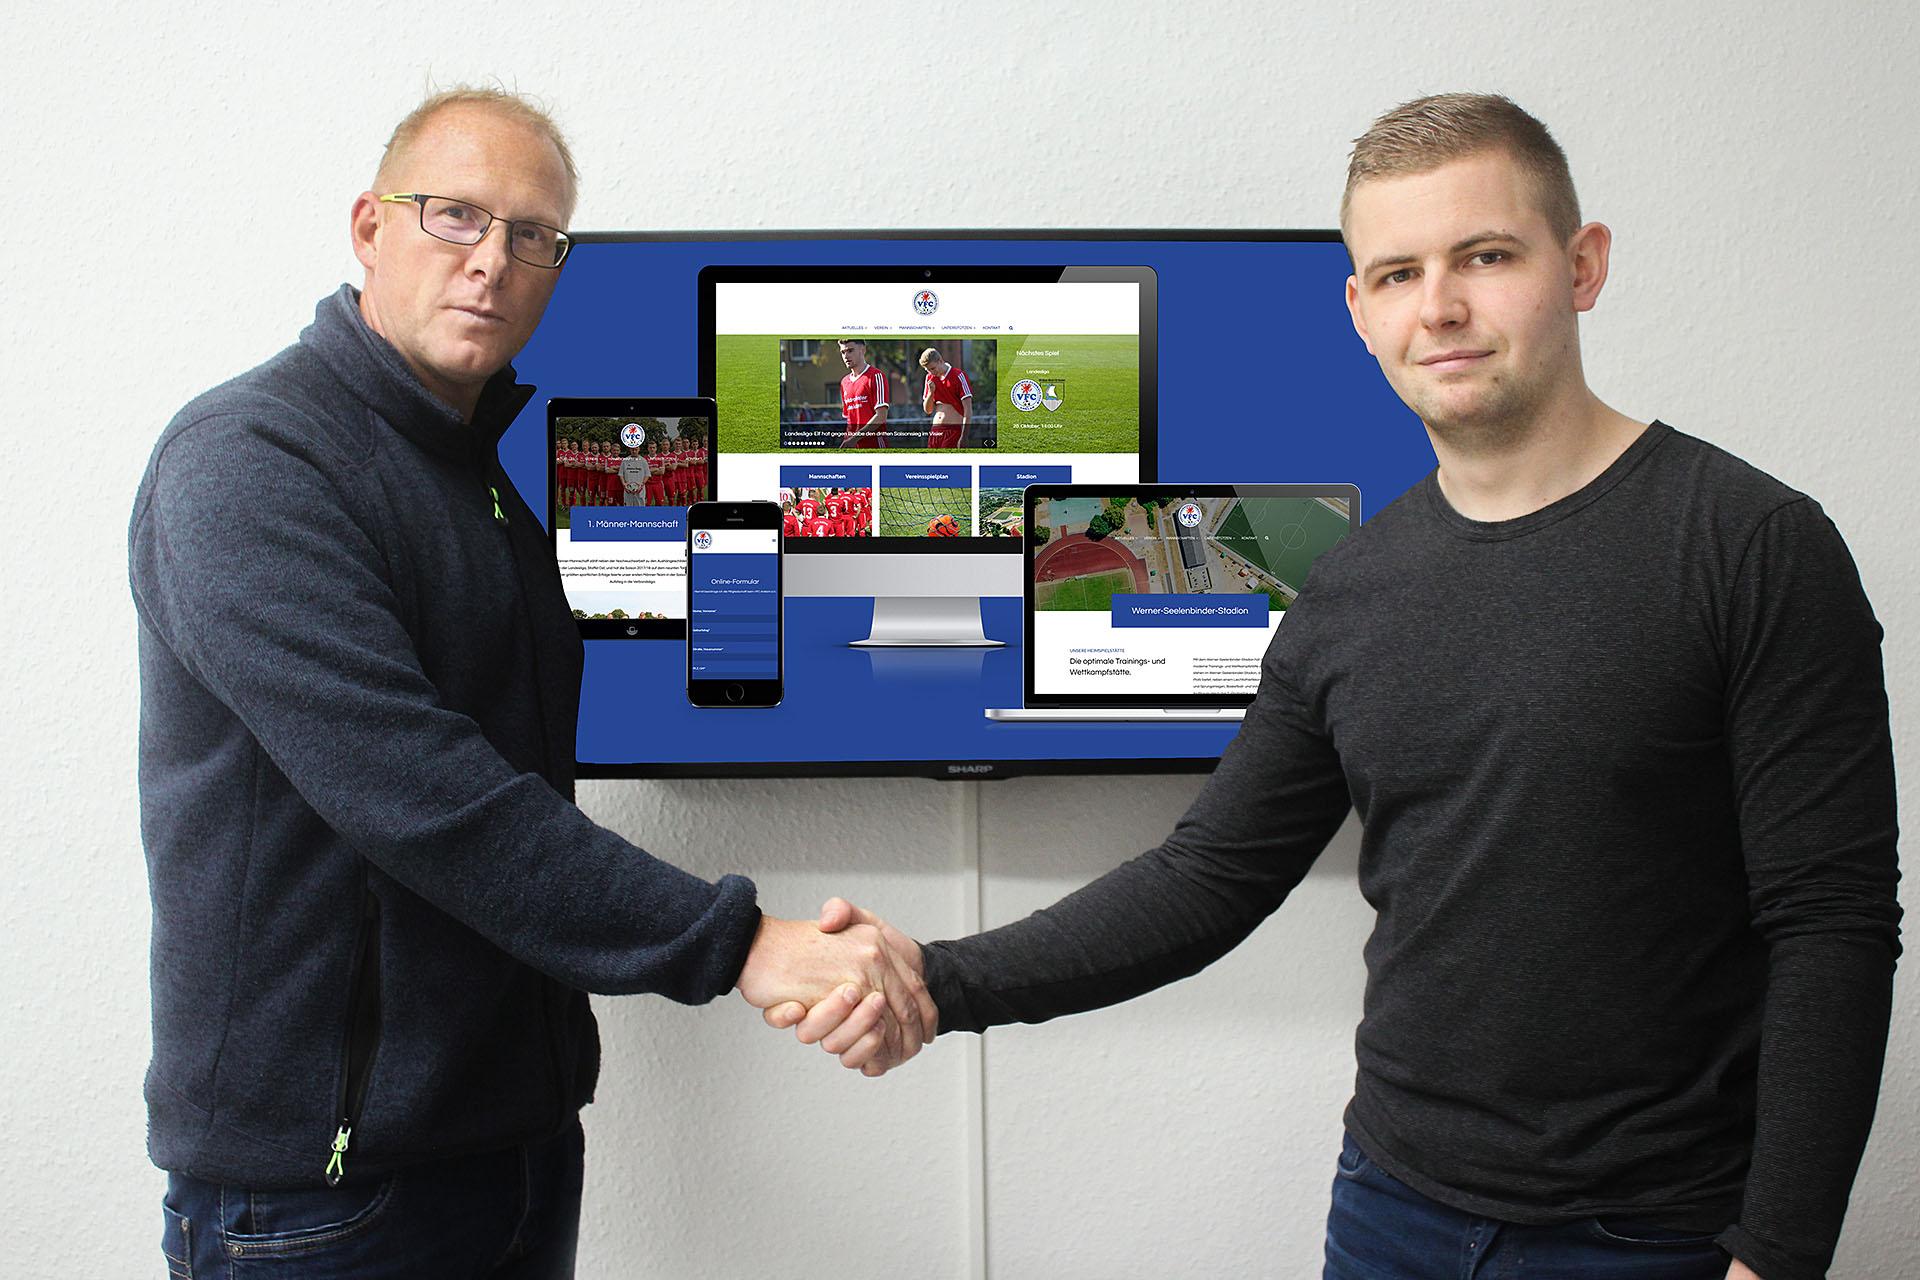 Werbeagentur JUNGSPUND DESIGN lässt Online-Auftritt des VFC in neuem Glanz erstrahlen